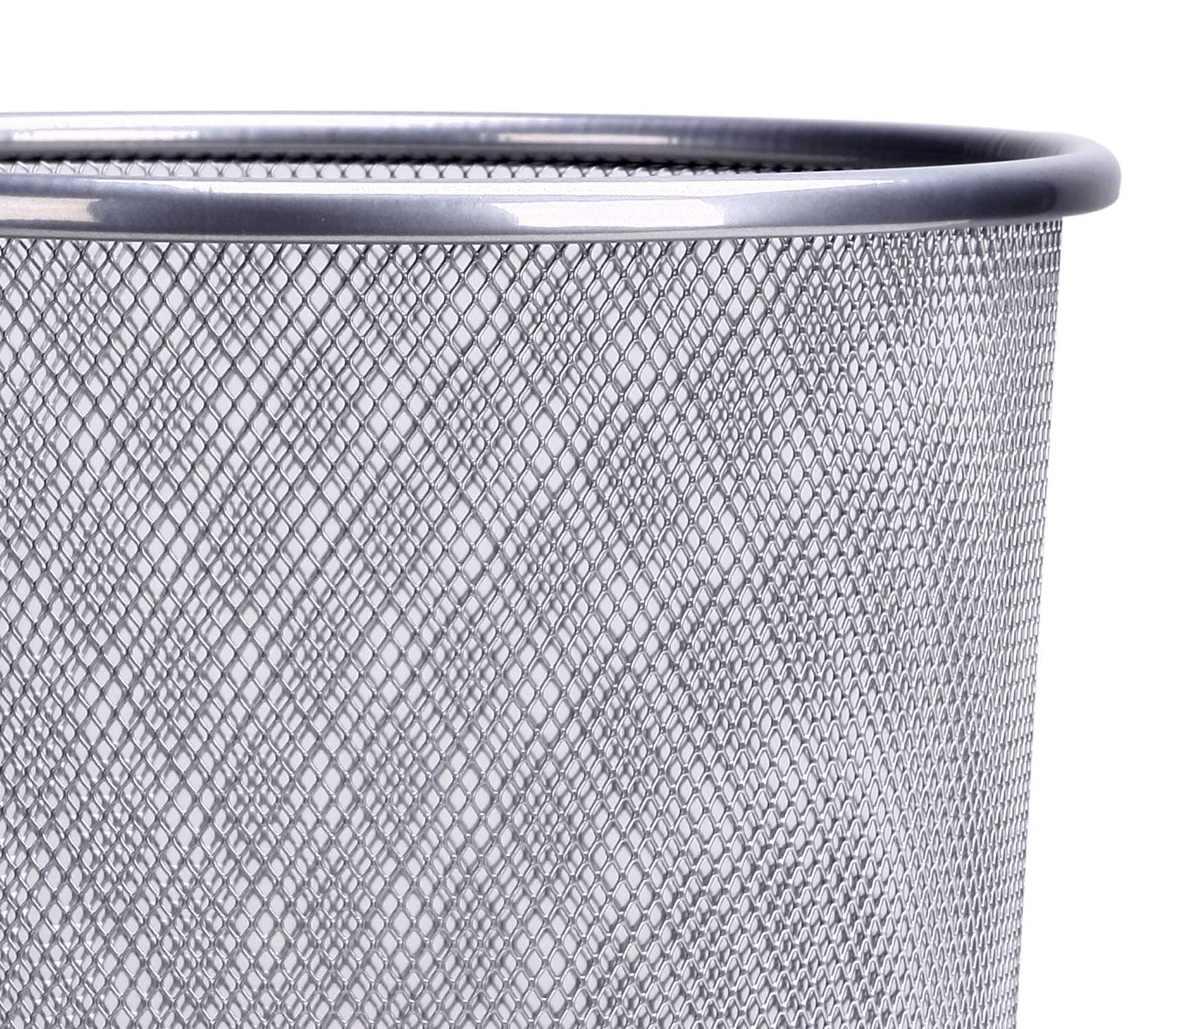 Lixeira Telada Redonda de Aço para Escritorio Cesto de Lixo(bsl-34008-1)